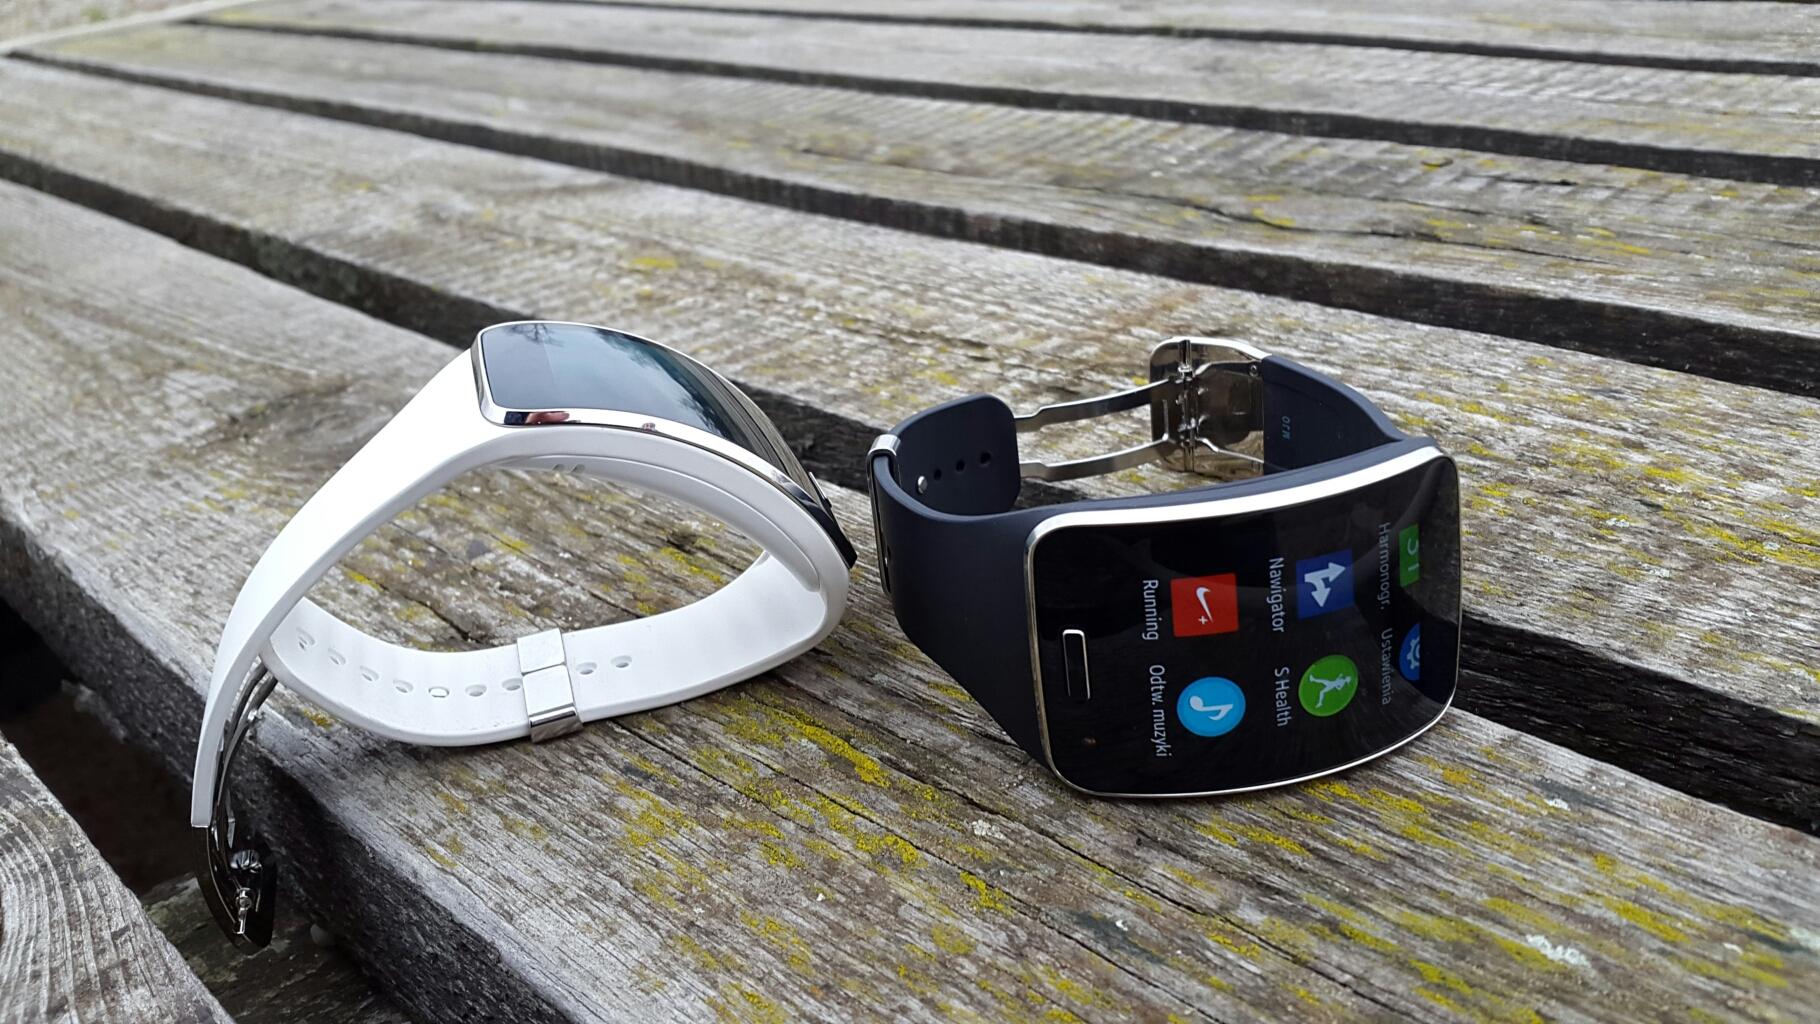 Samsung Gear S po kilku dniach używania – zegarek to czy smartfon? Pierwsze wrażenia Spider's Web